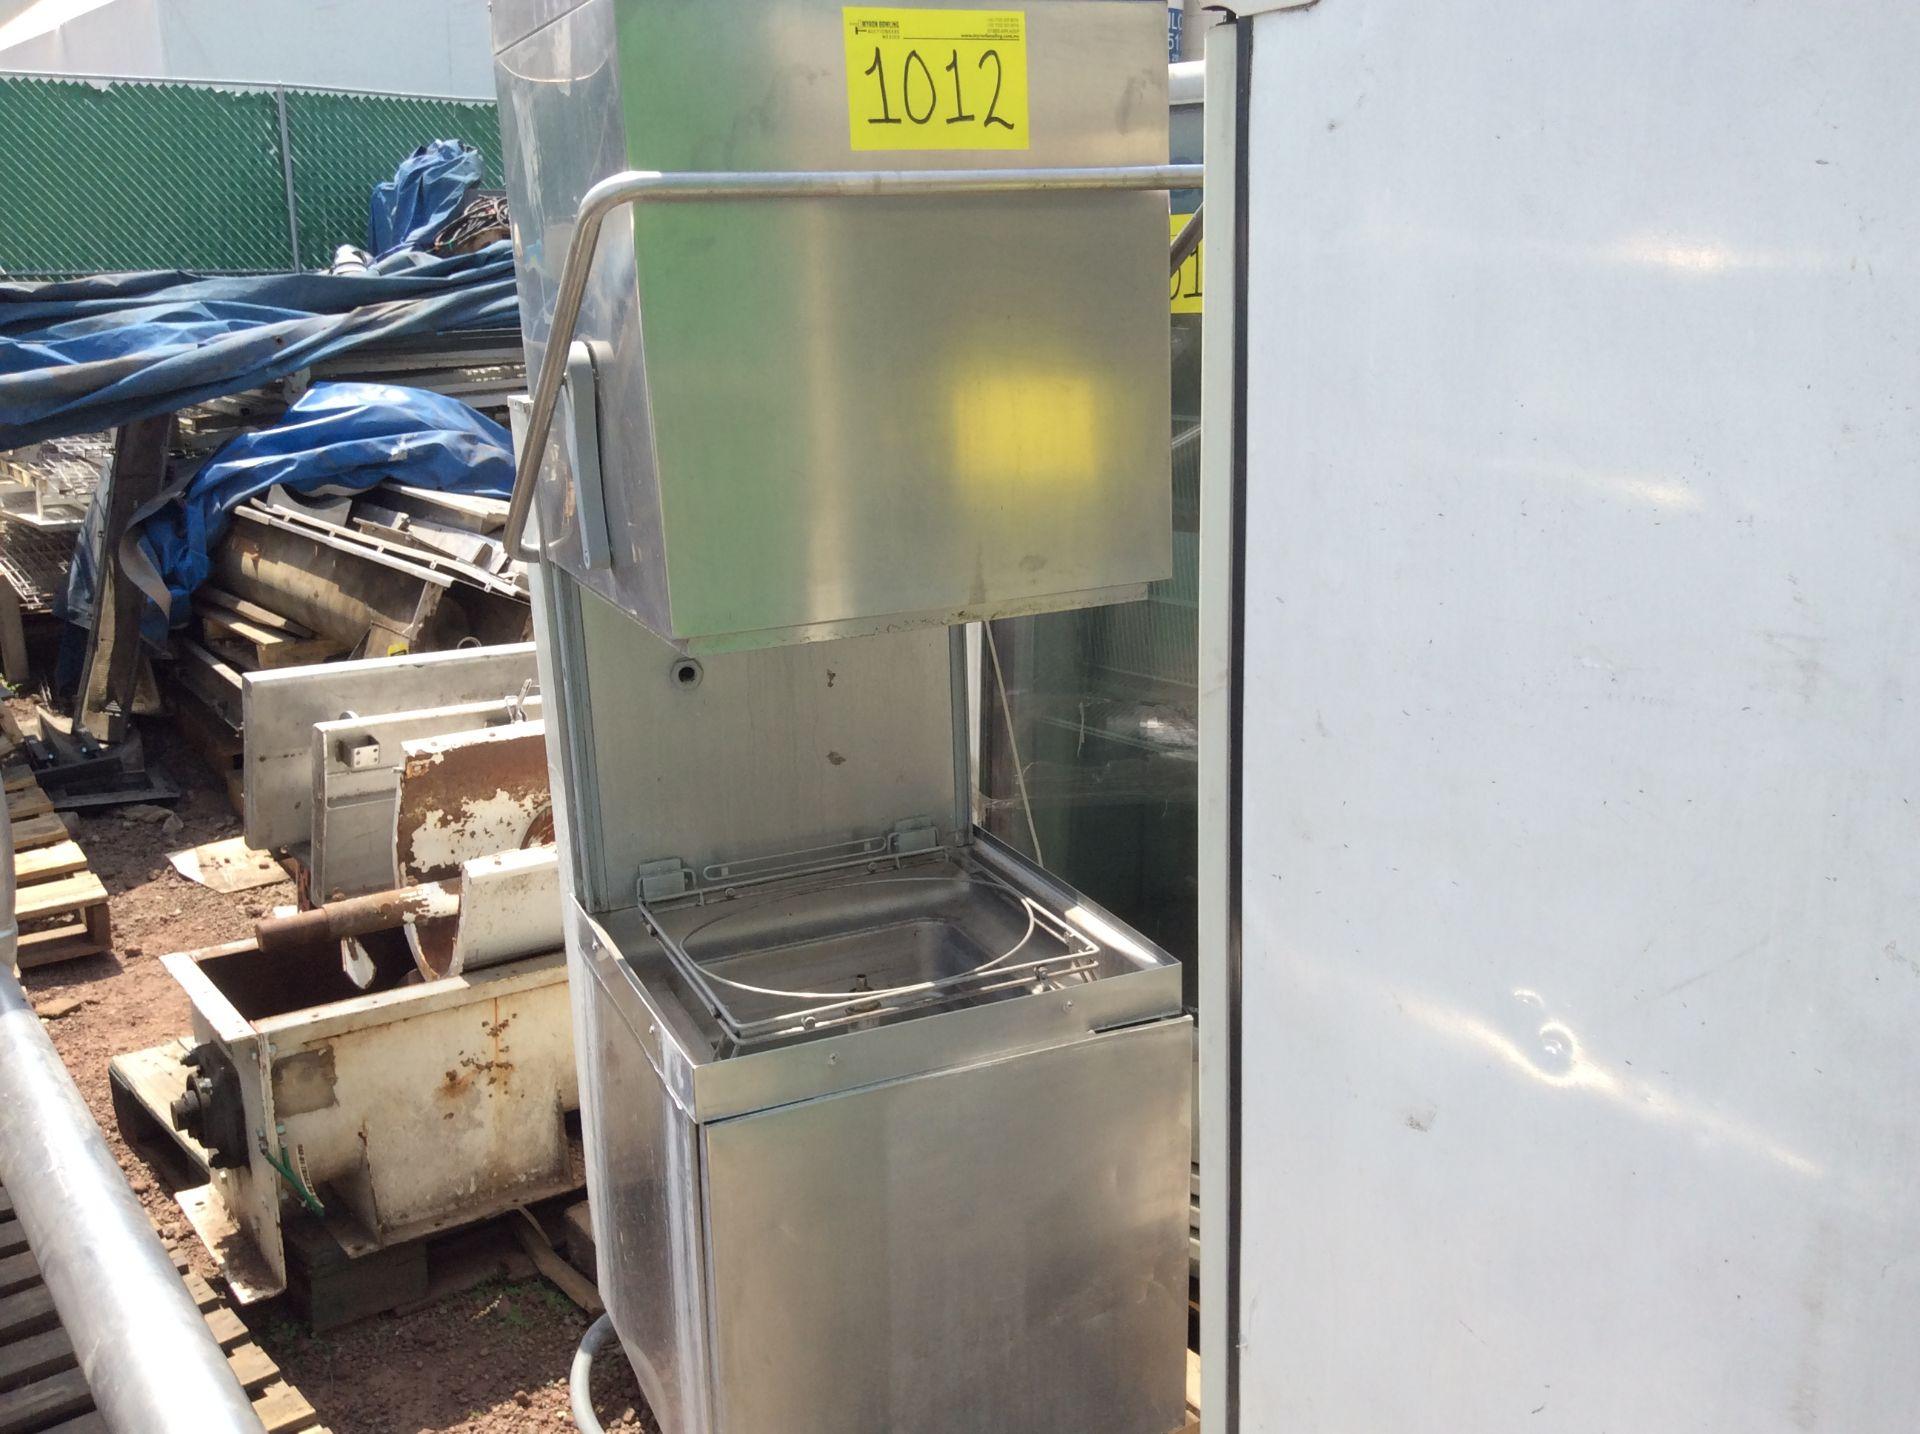 1 AMS Vending machine, 1 Hobart dishwasher - Image 11 of 11